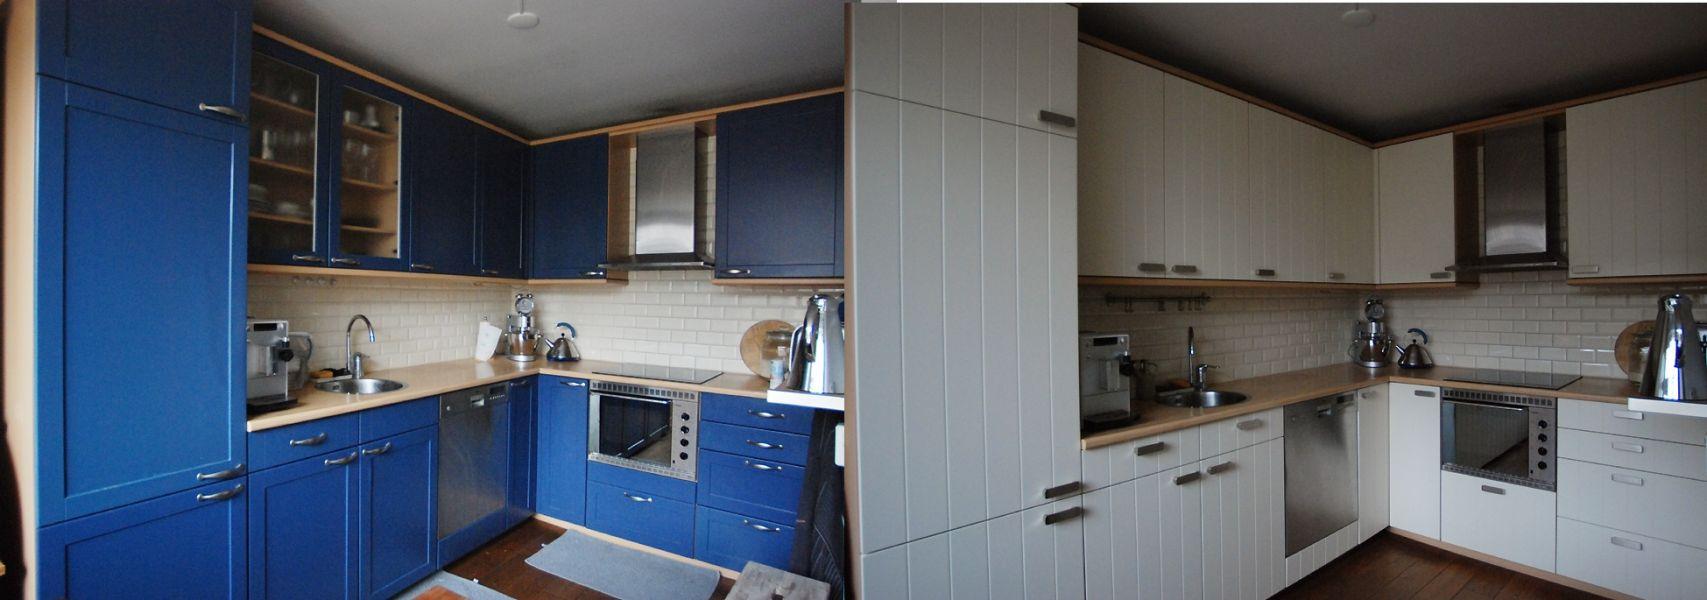 Keukenrenovatie en keukendeurtjes vervangen met keukenblad